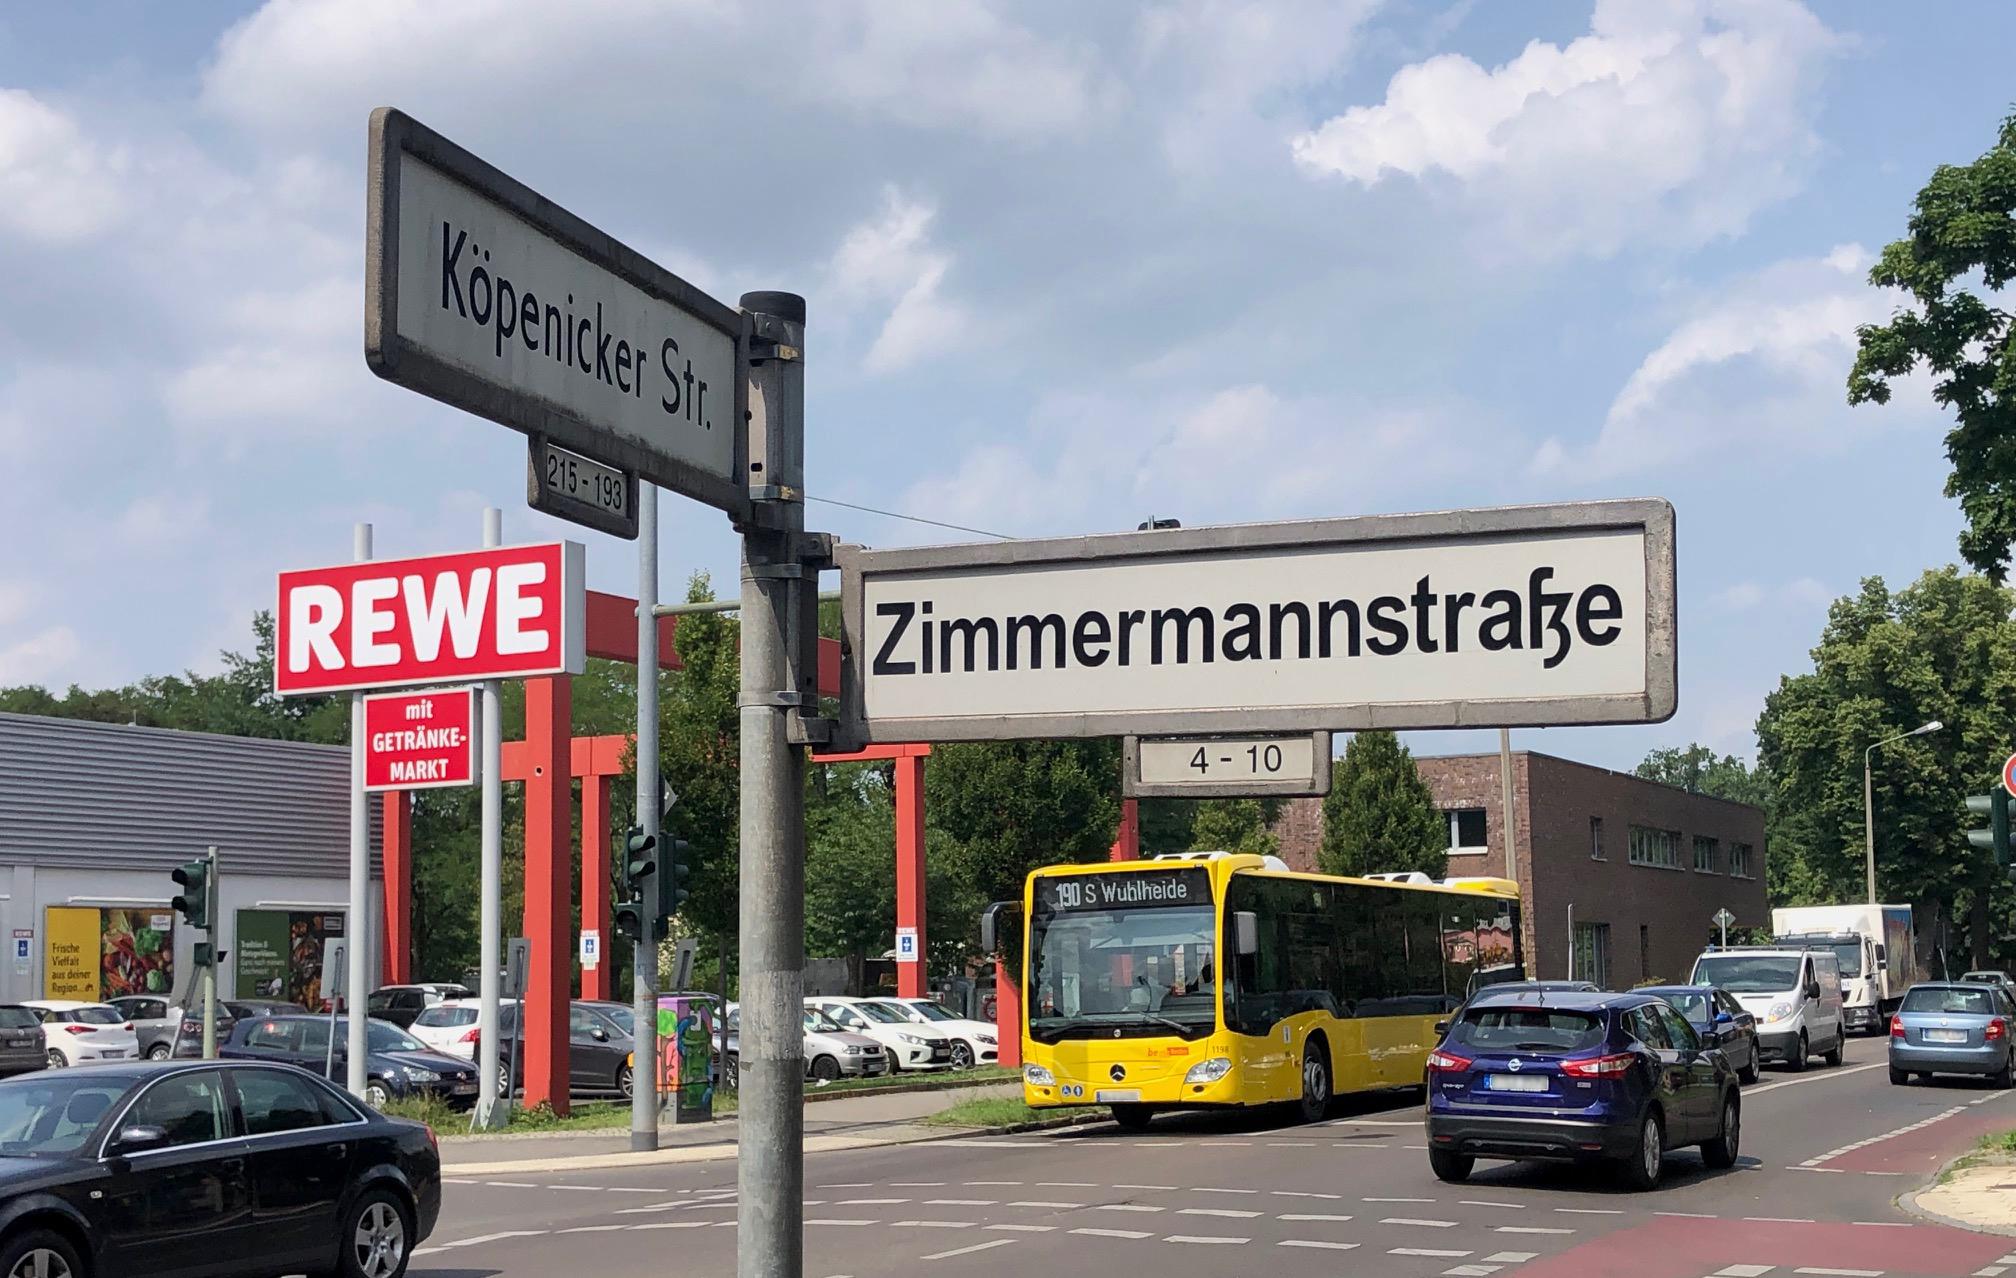 Betroffen ist der Abschnitt zwischen Zimmermannstraße und Bezirksgrenze. © pressefoto-uhlemann.de